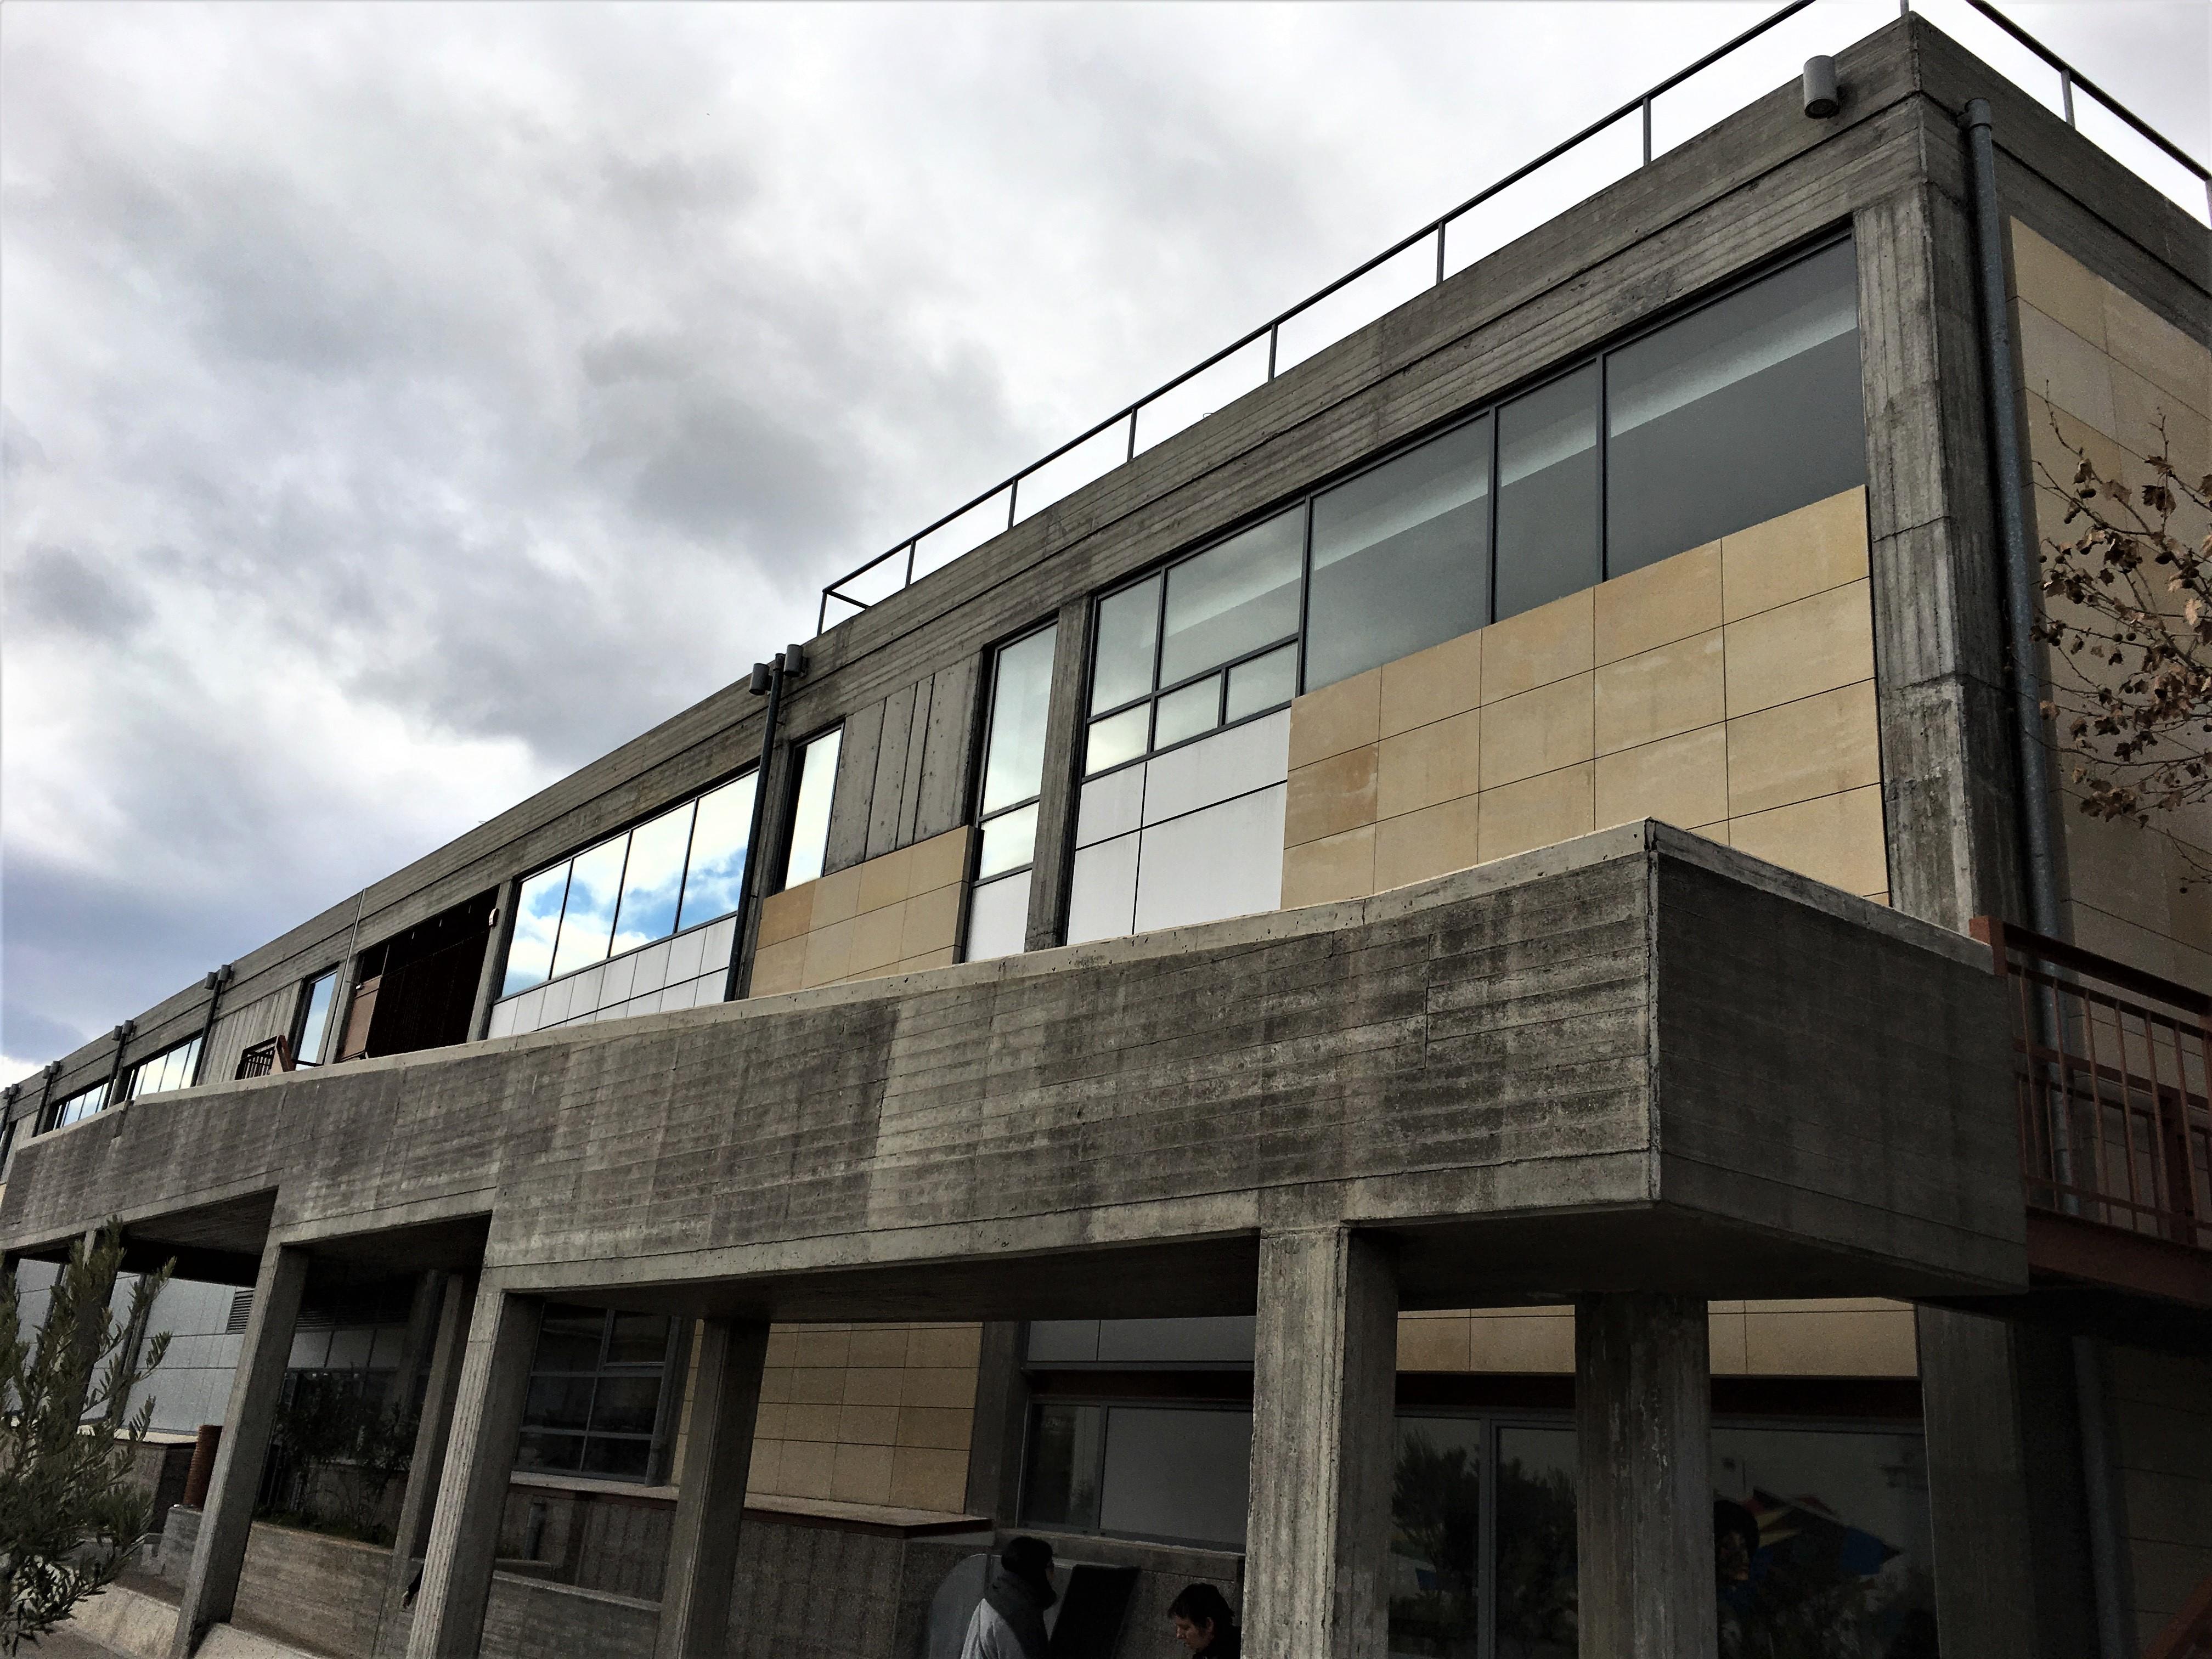 Η όψη της νέας Βιβλιοθήκης όπως σχεδιάστηκε από τους αρχιτέκτονες Σουζάνα και Δημήτρη Αντωνακάκη